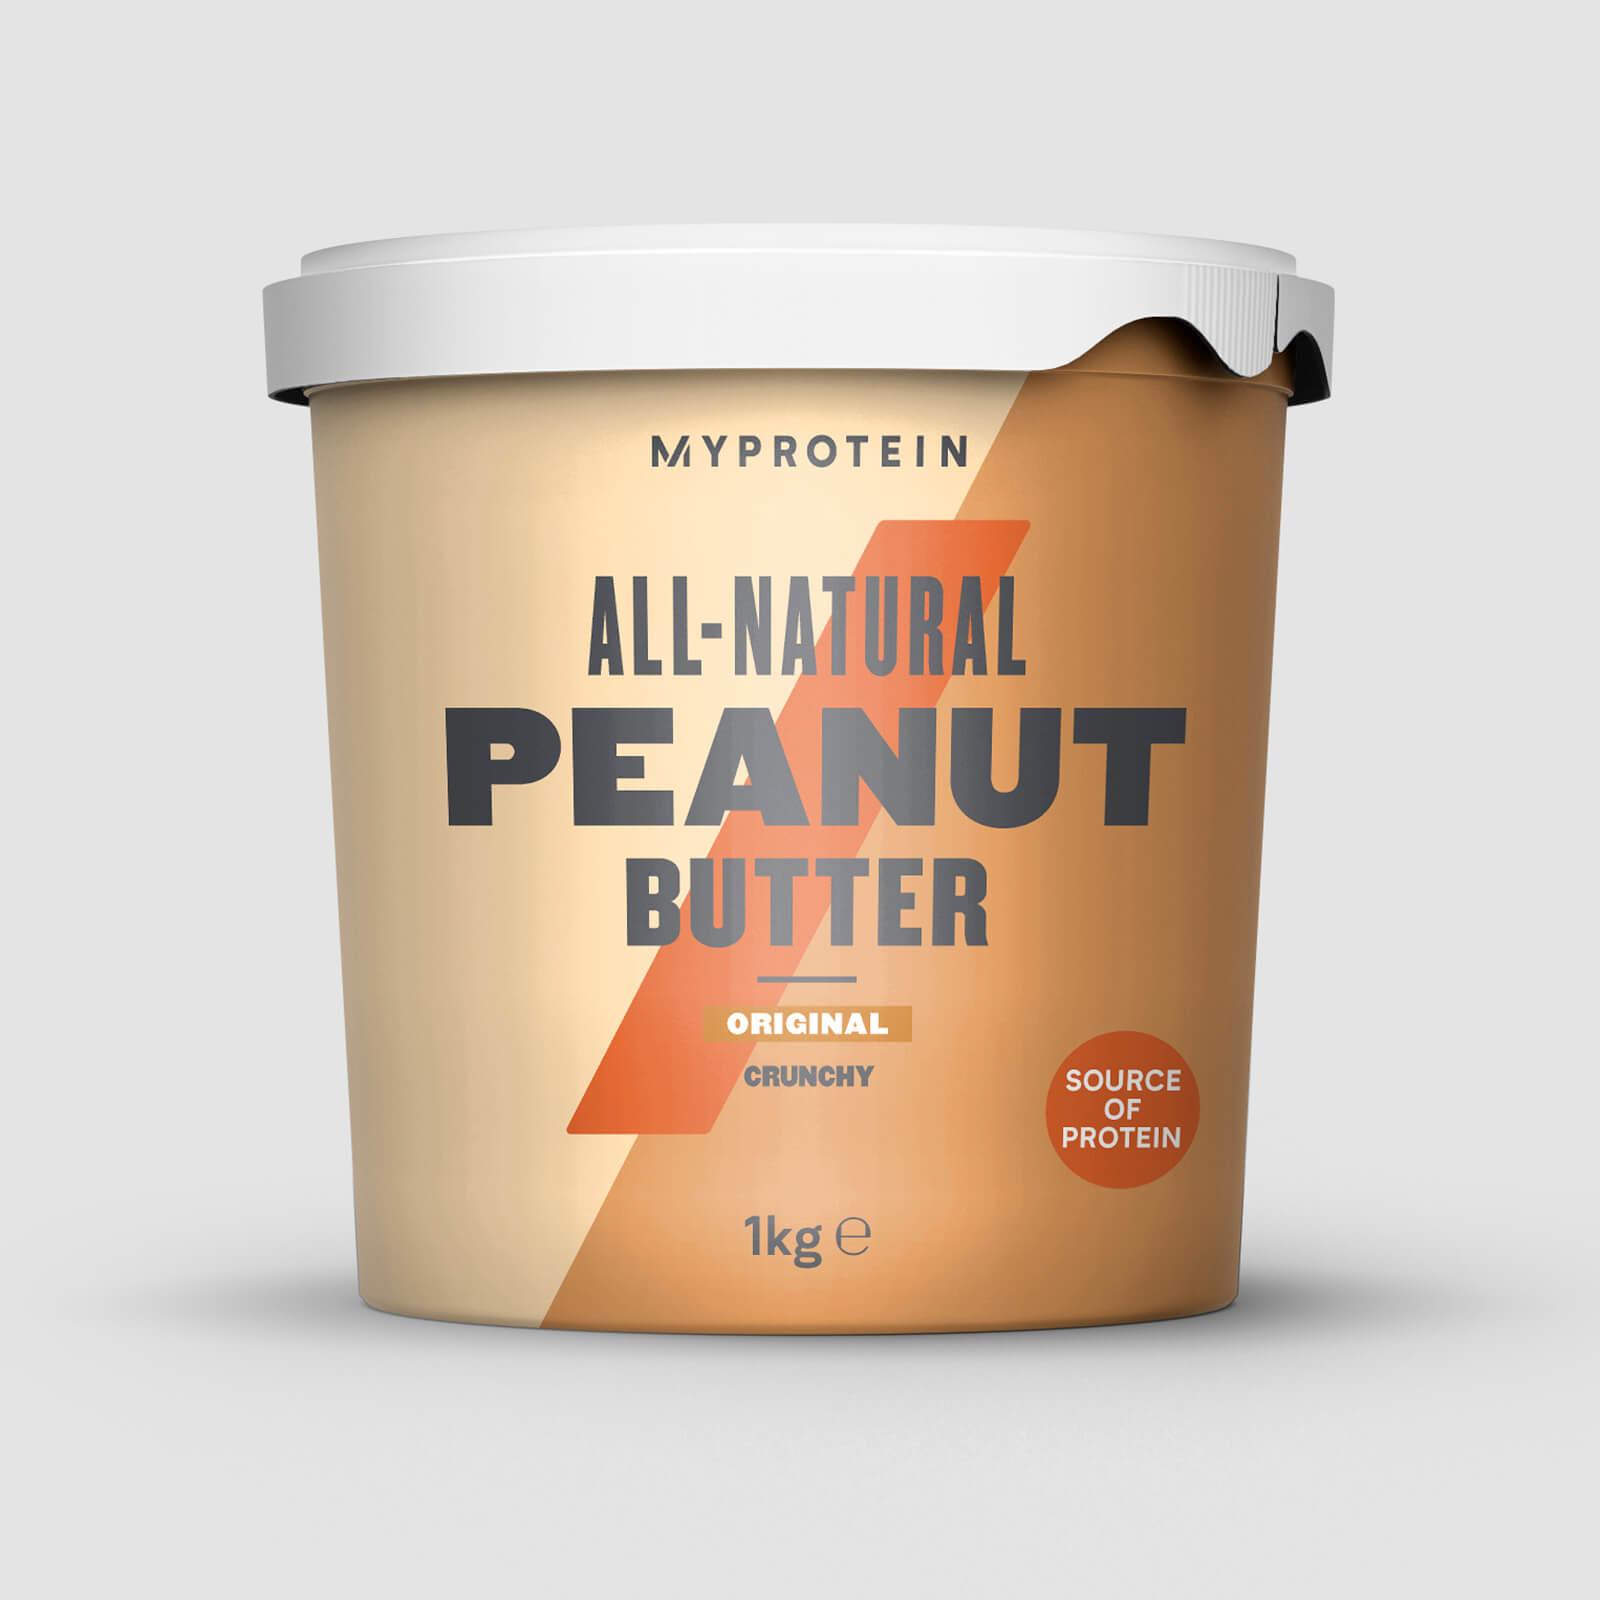 1kg Myprotein Erdnussbutter (stückig) für ~4,08€ inklusive Versand | auch Proben möglich!